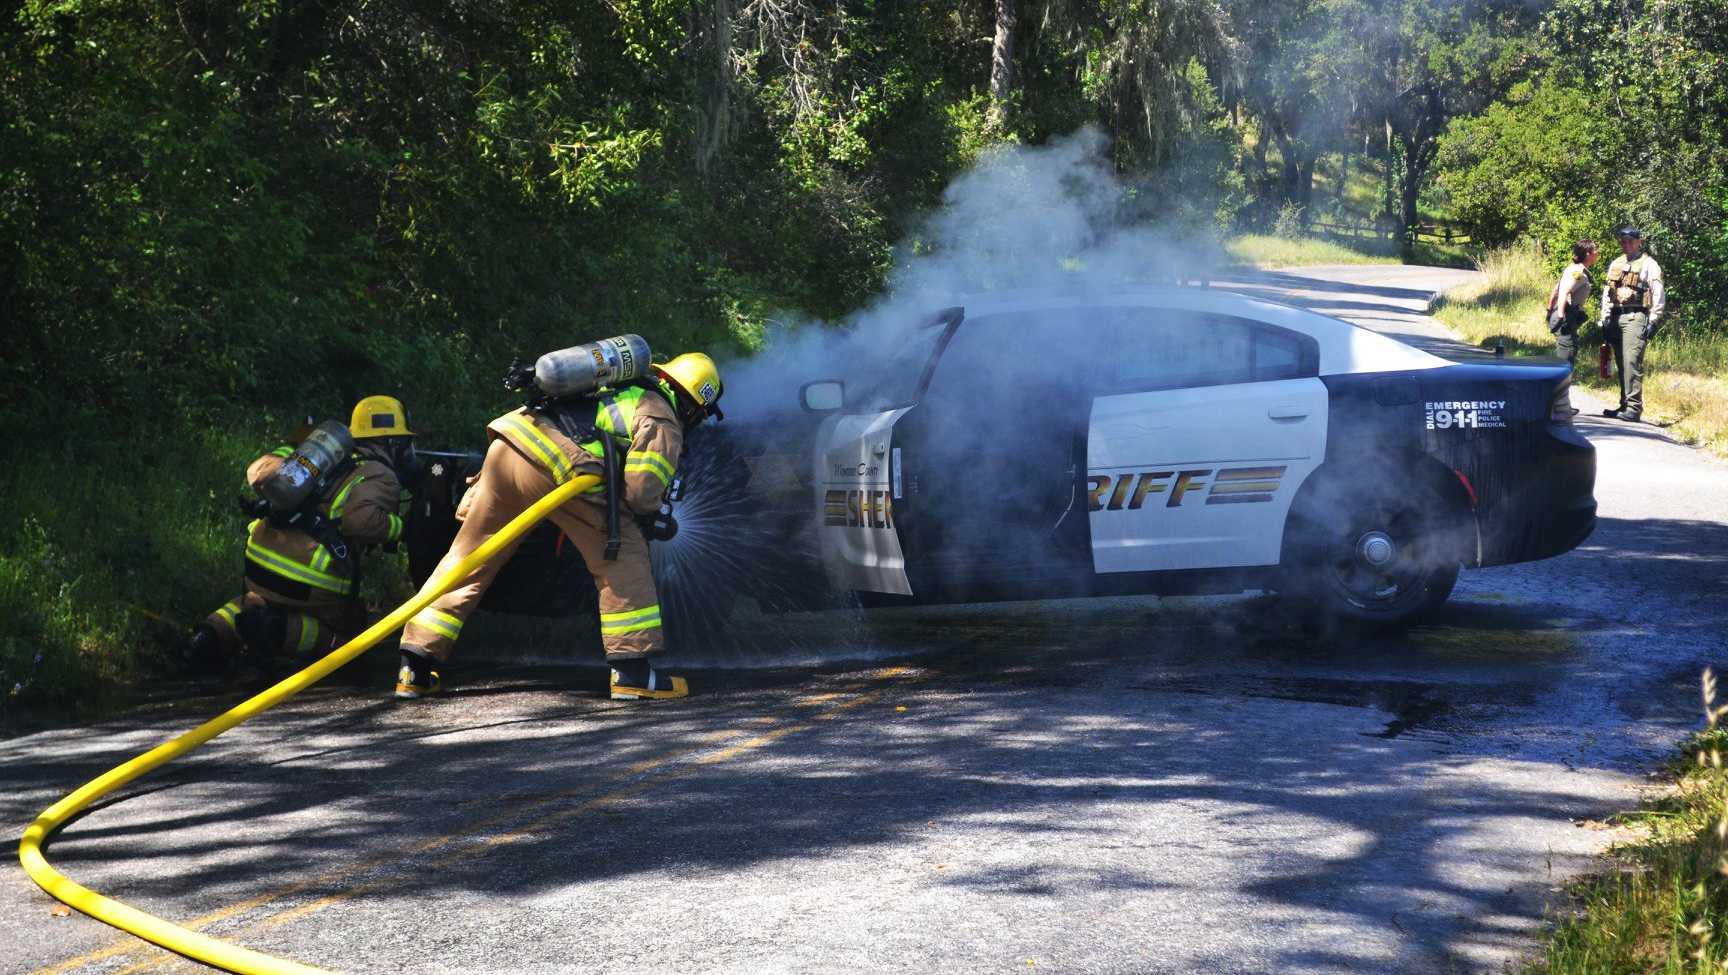 Patrol car on fire